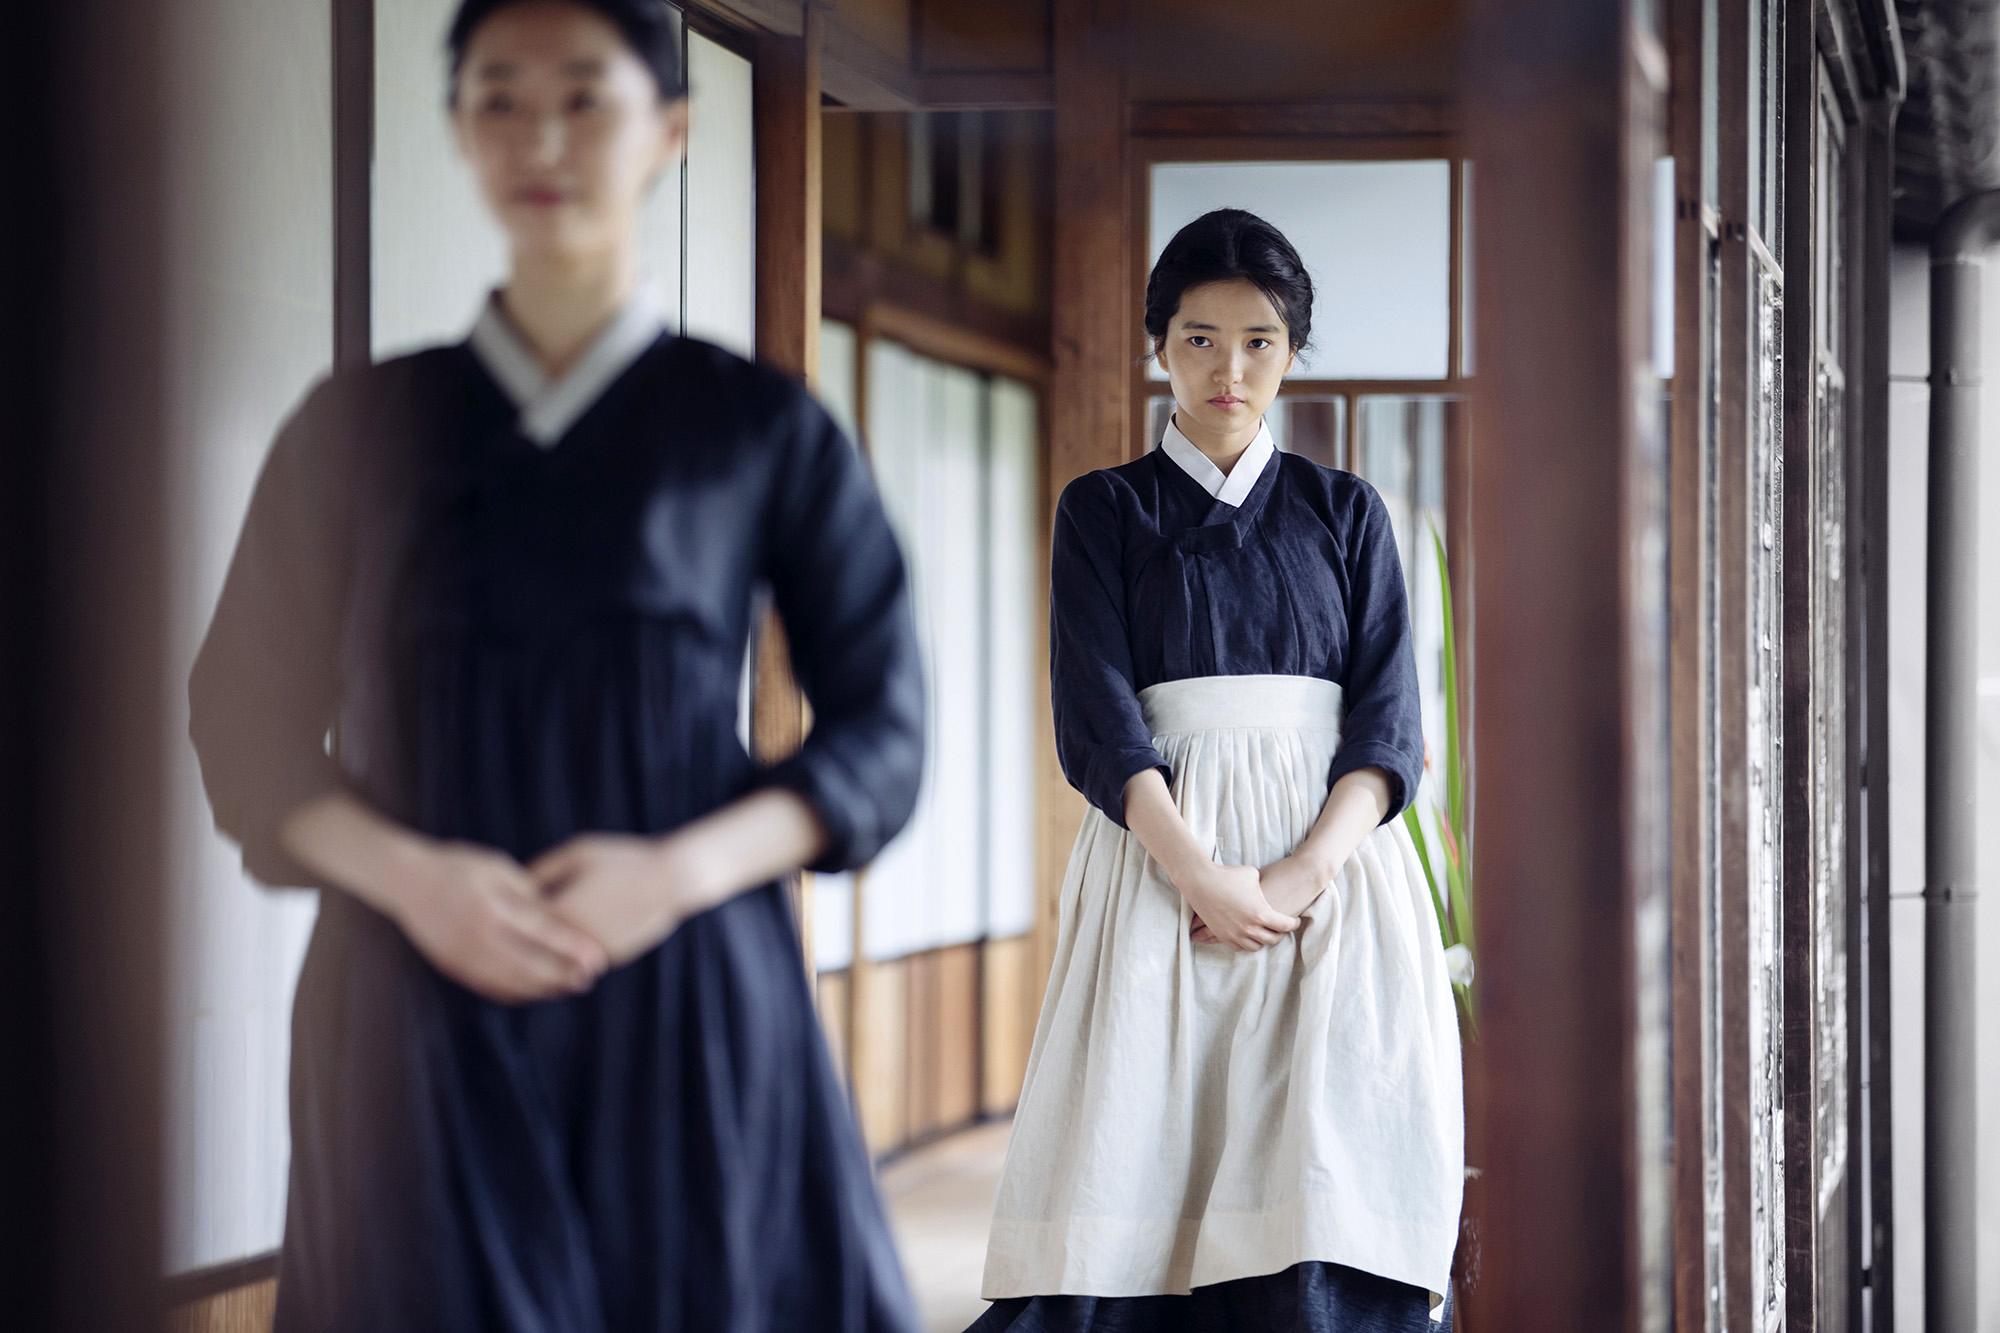 Kim Tae-ri in 'The Handmaiden.' (Amazon Studios-Magnolia Pictures)